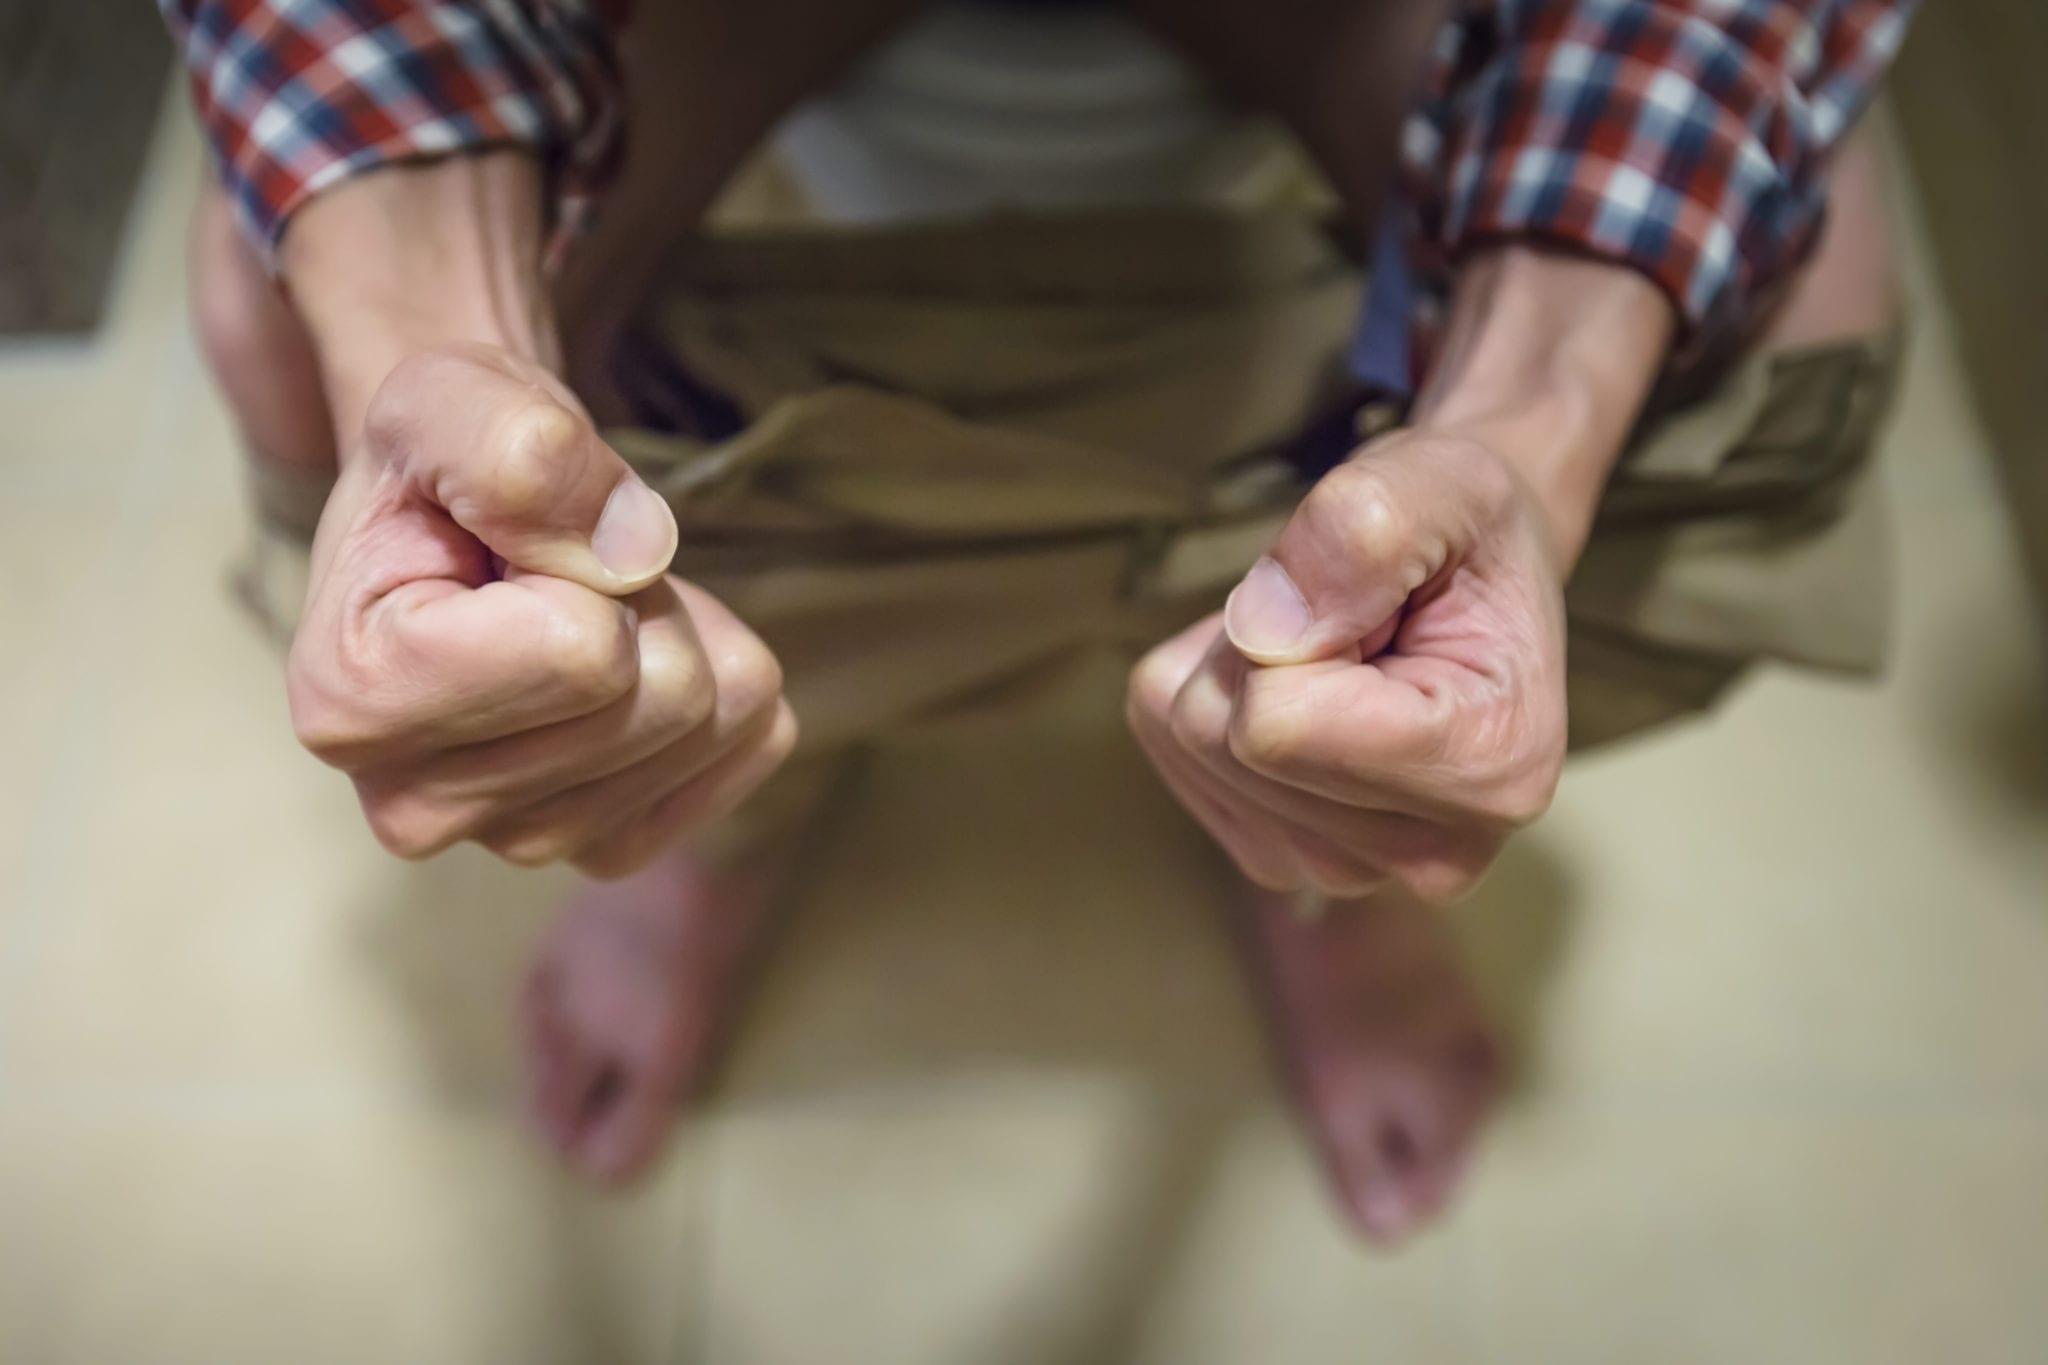 Homem com dificuldades para defecar por que tem hemorroidas grau 2